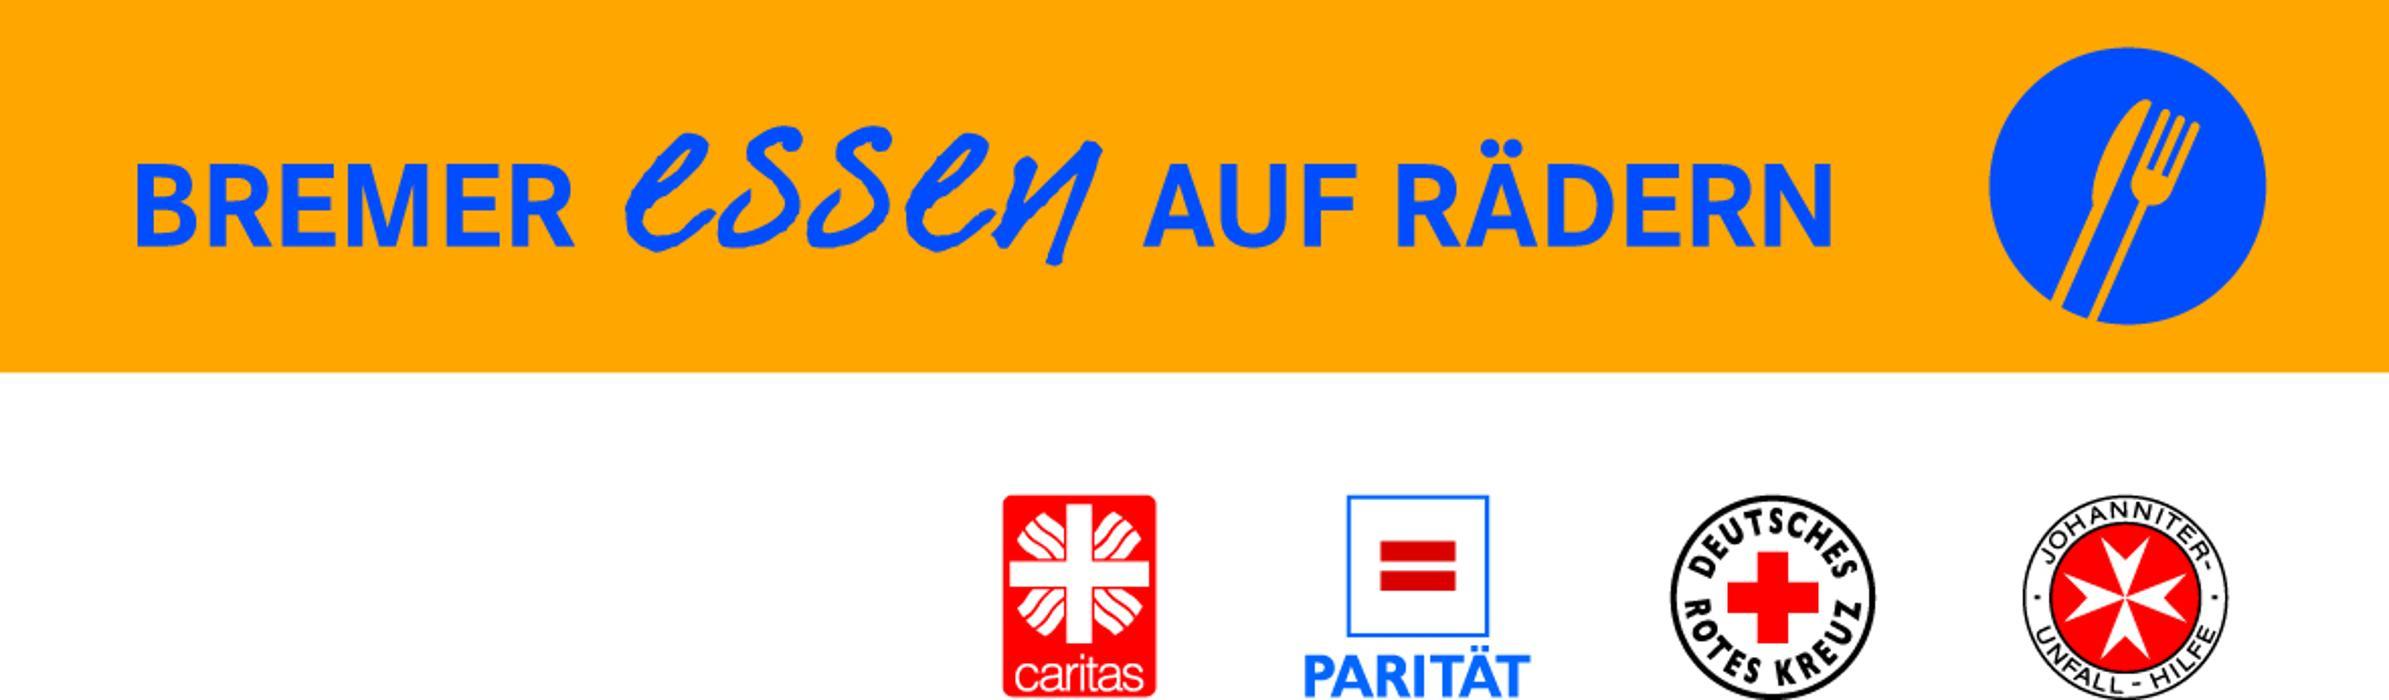 Bremer Essen auf Rädern, Hanse Service GmbH